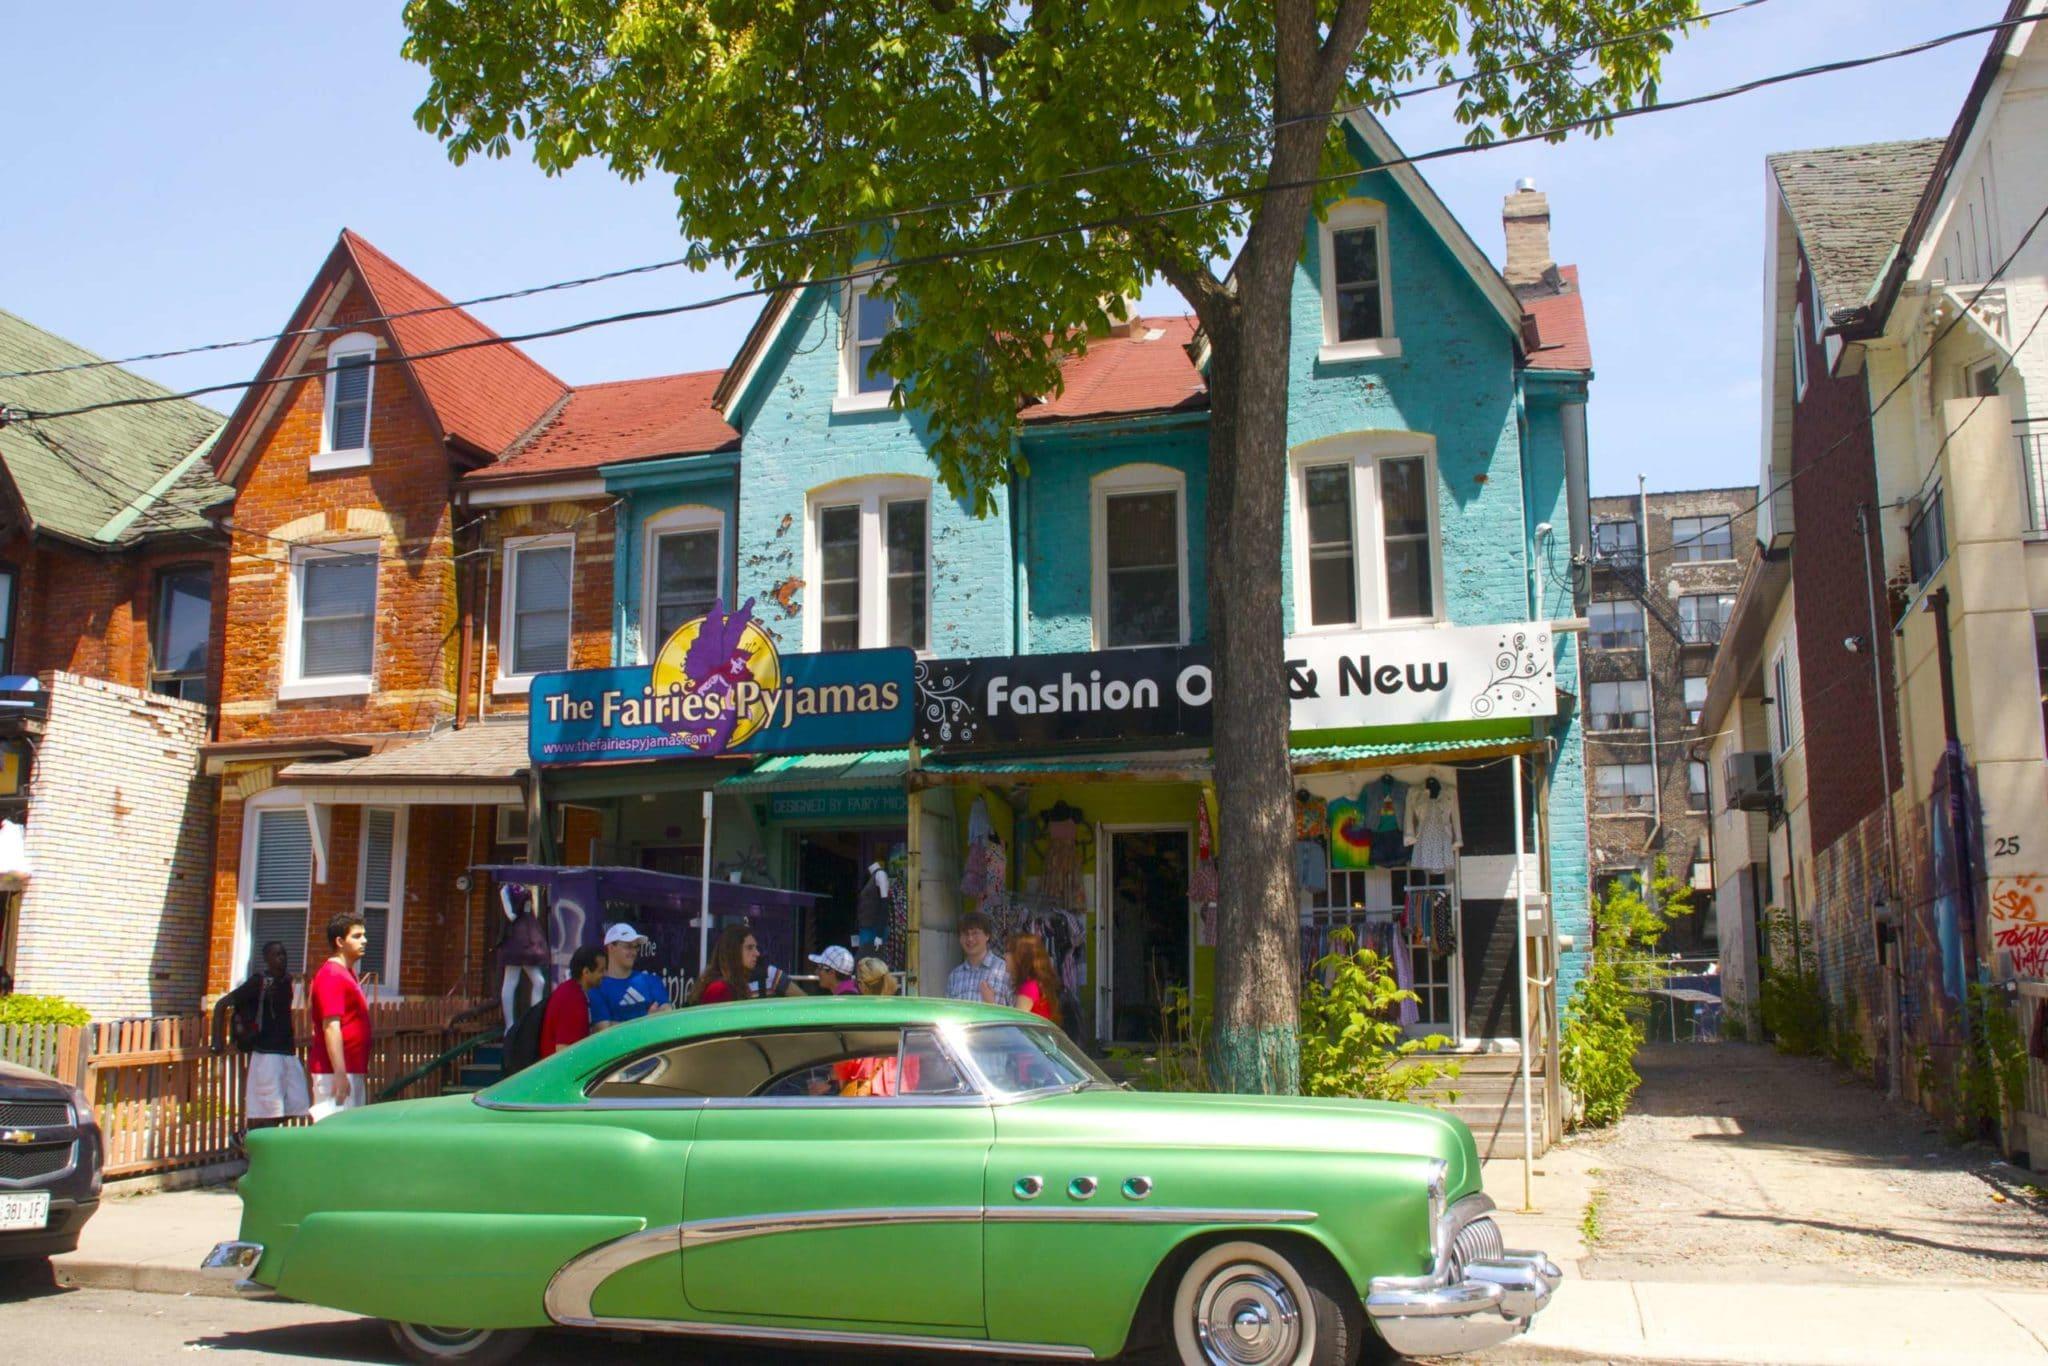 Quartier hippie Toronto @robertkassous